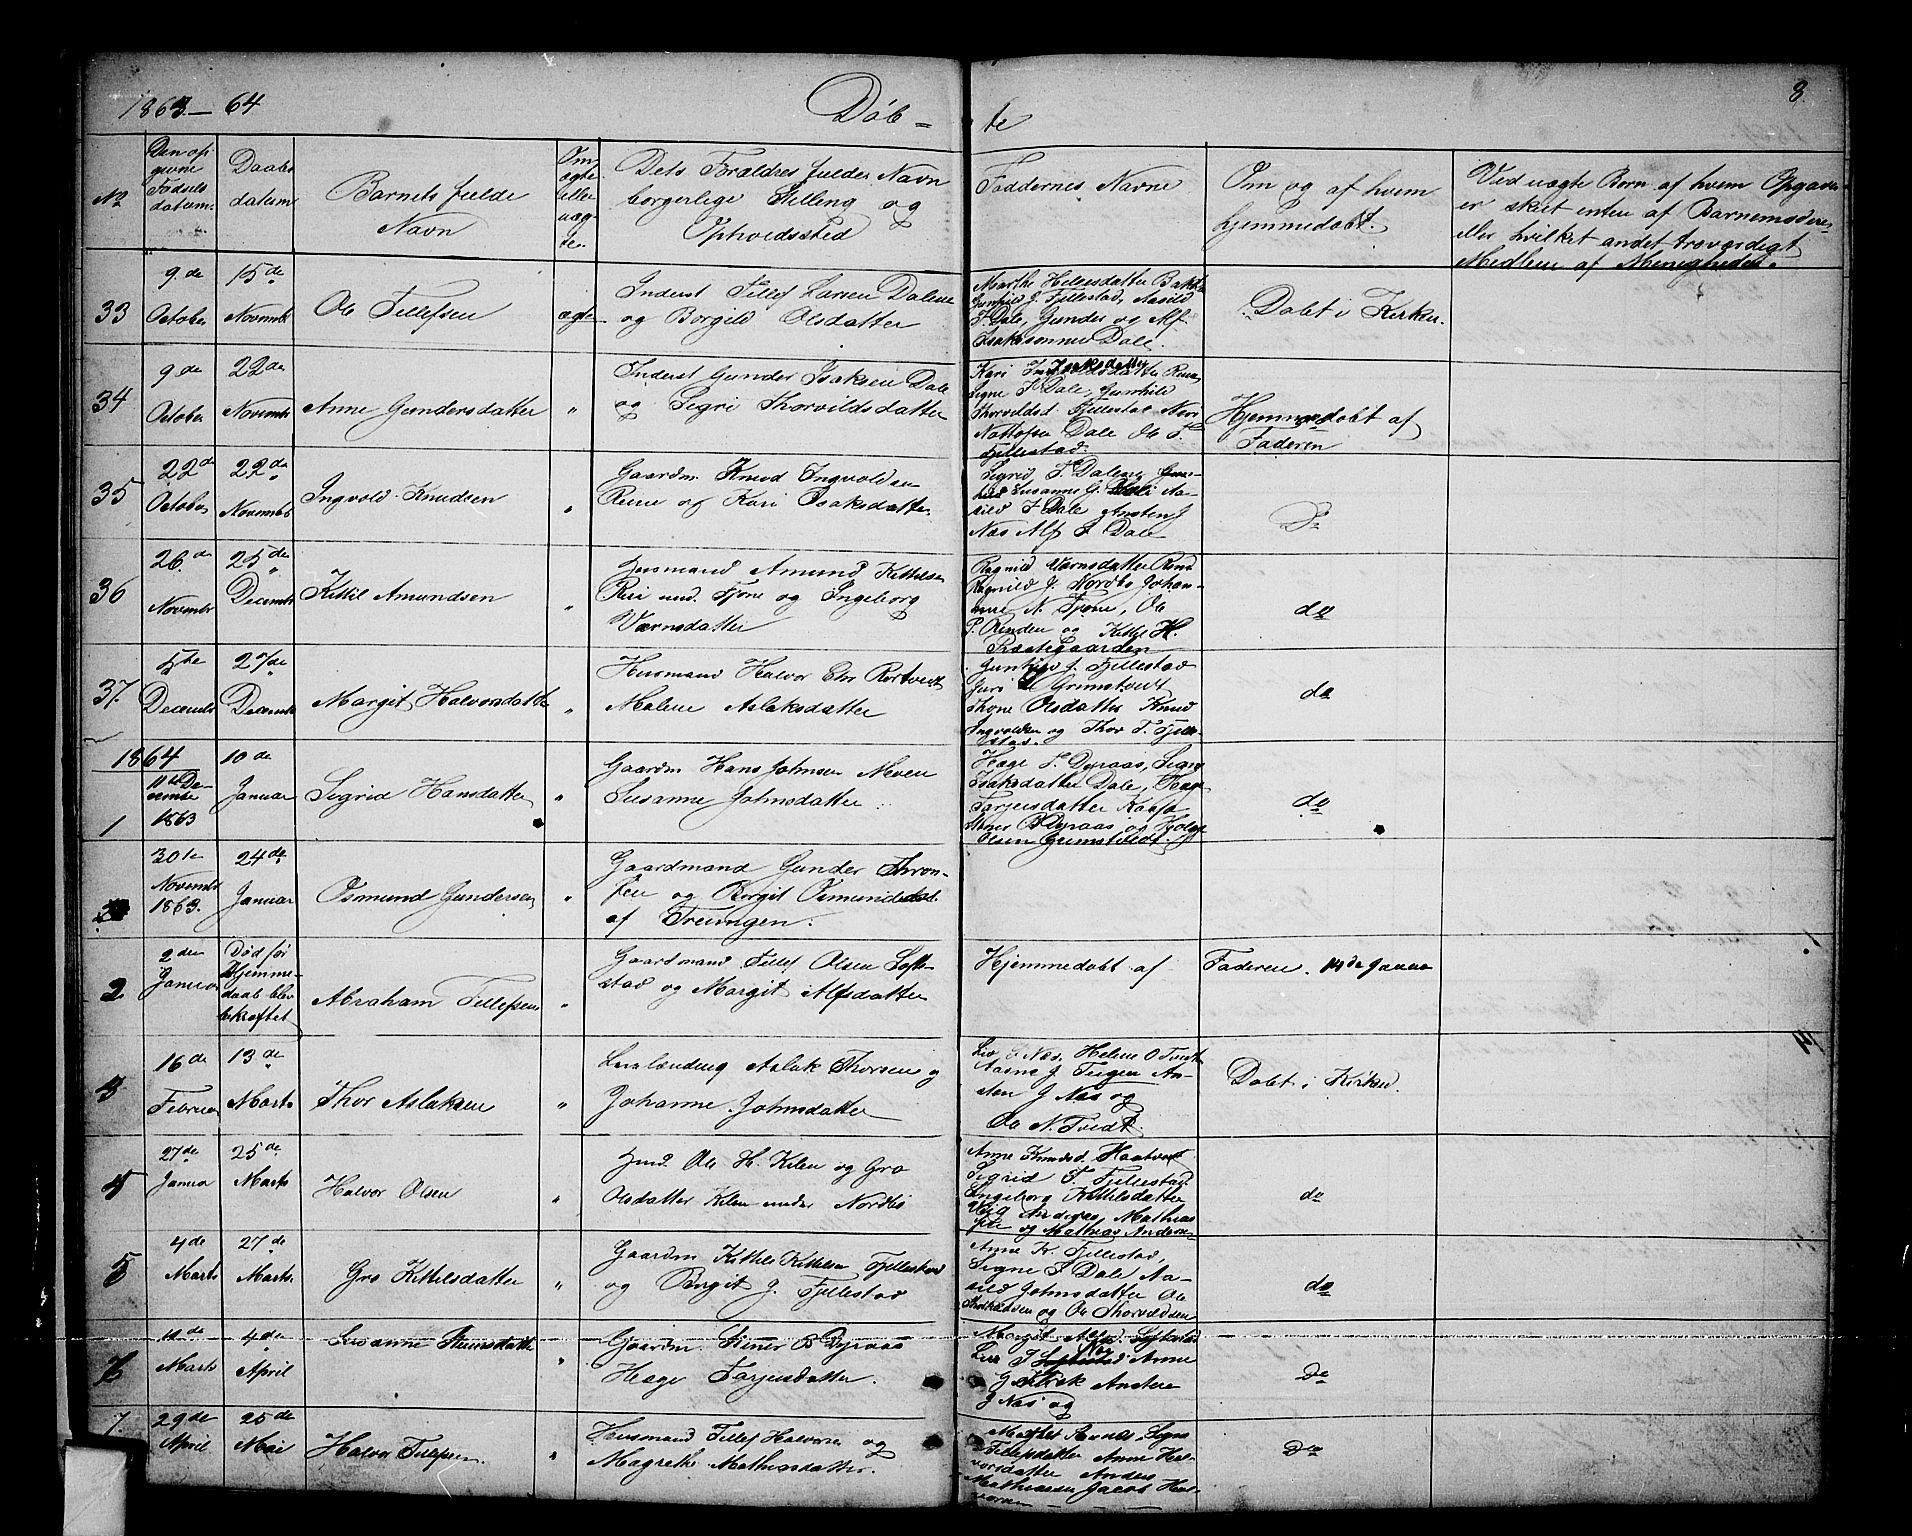 SAKO, Nissedal kirkebøker, G/Ga/L0002: Klokkerbok nr. I 2, 1861-1887, s. 8